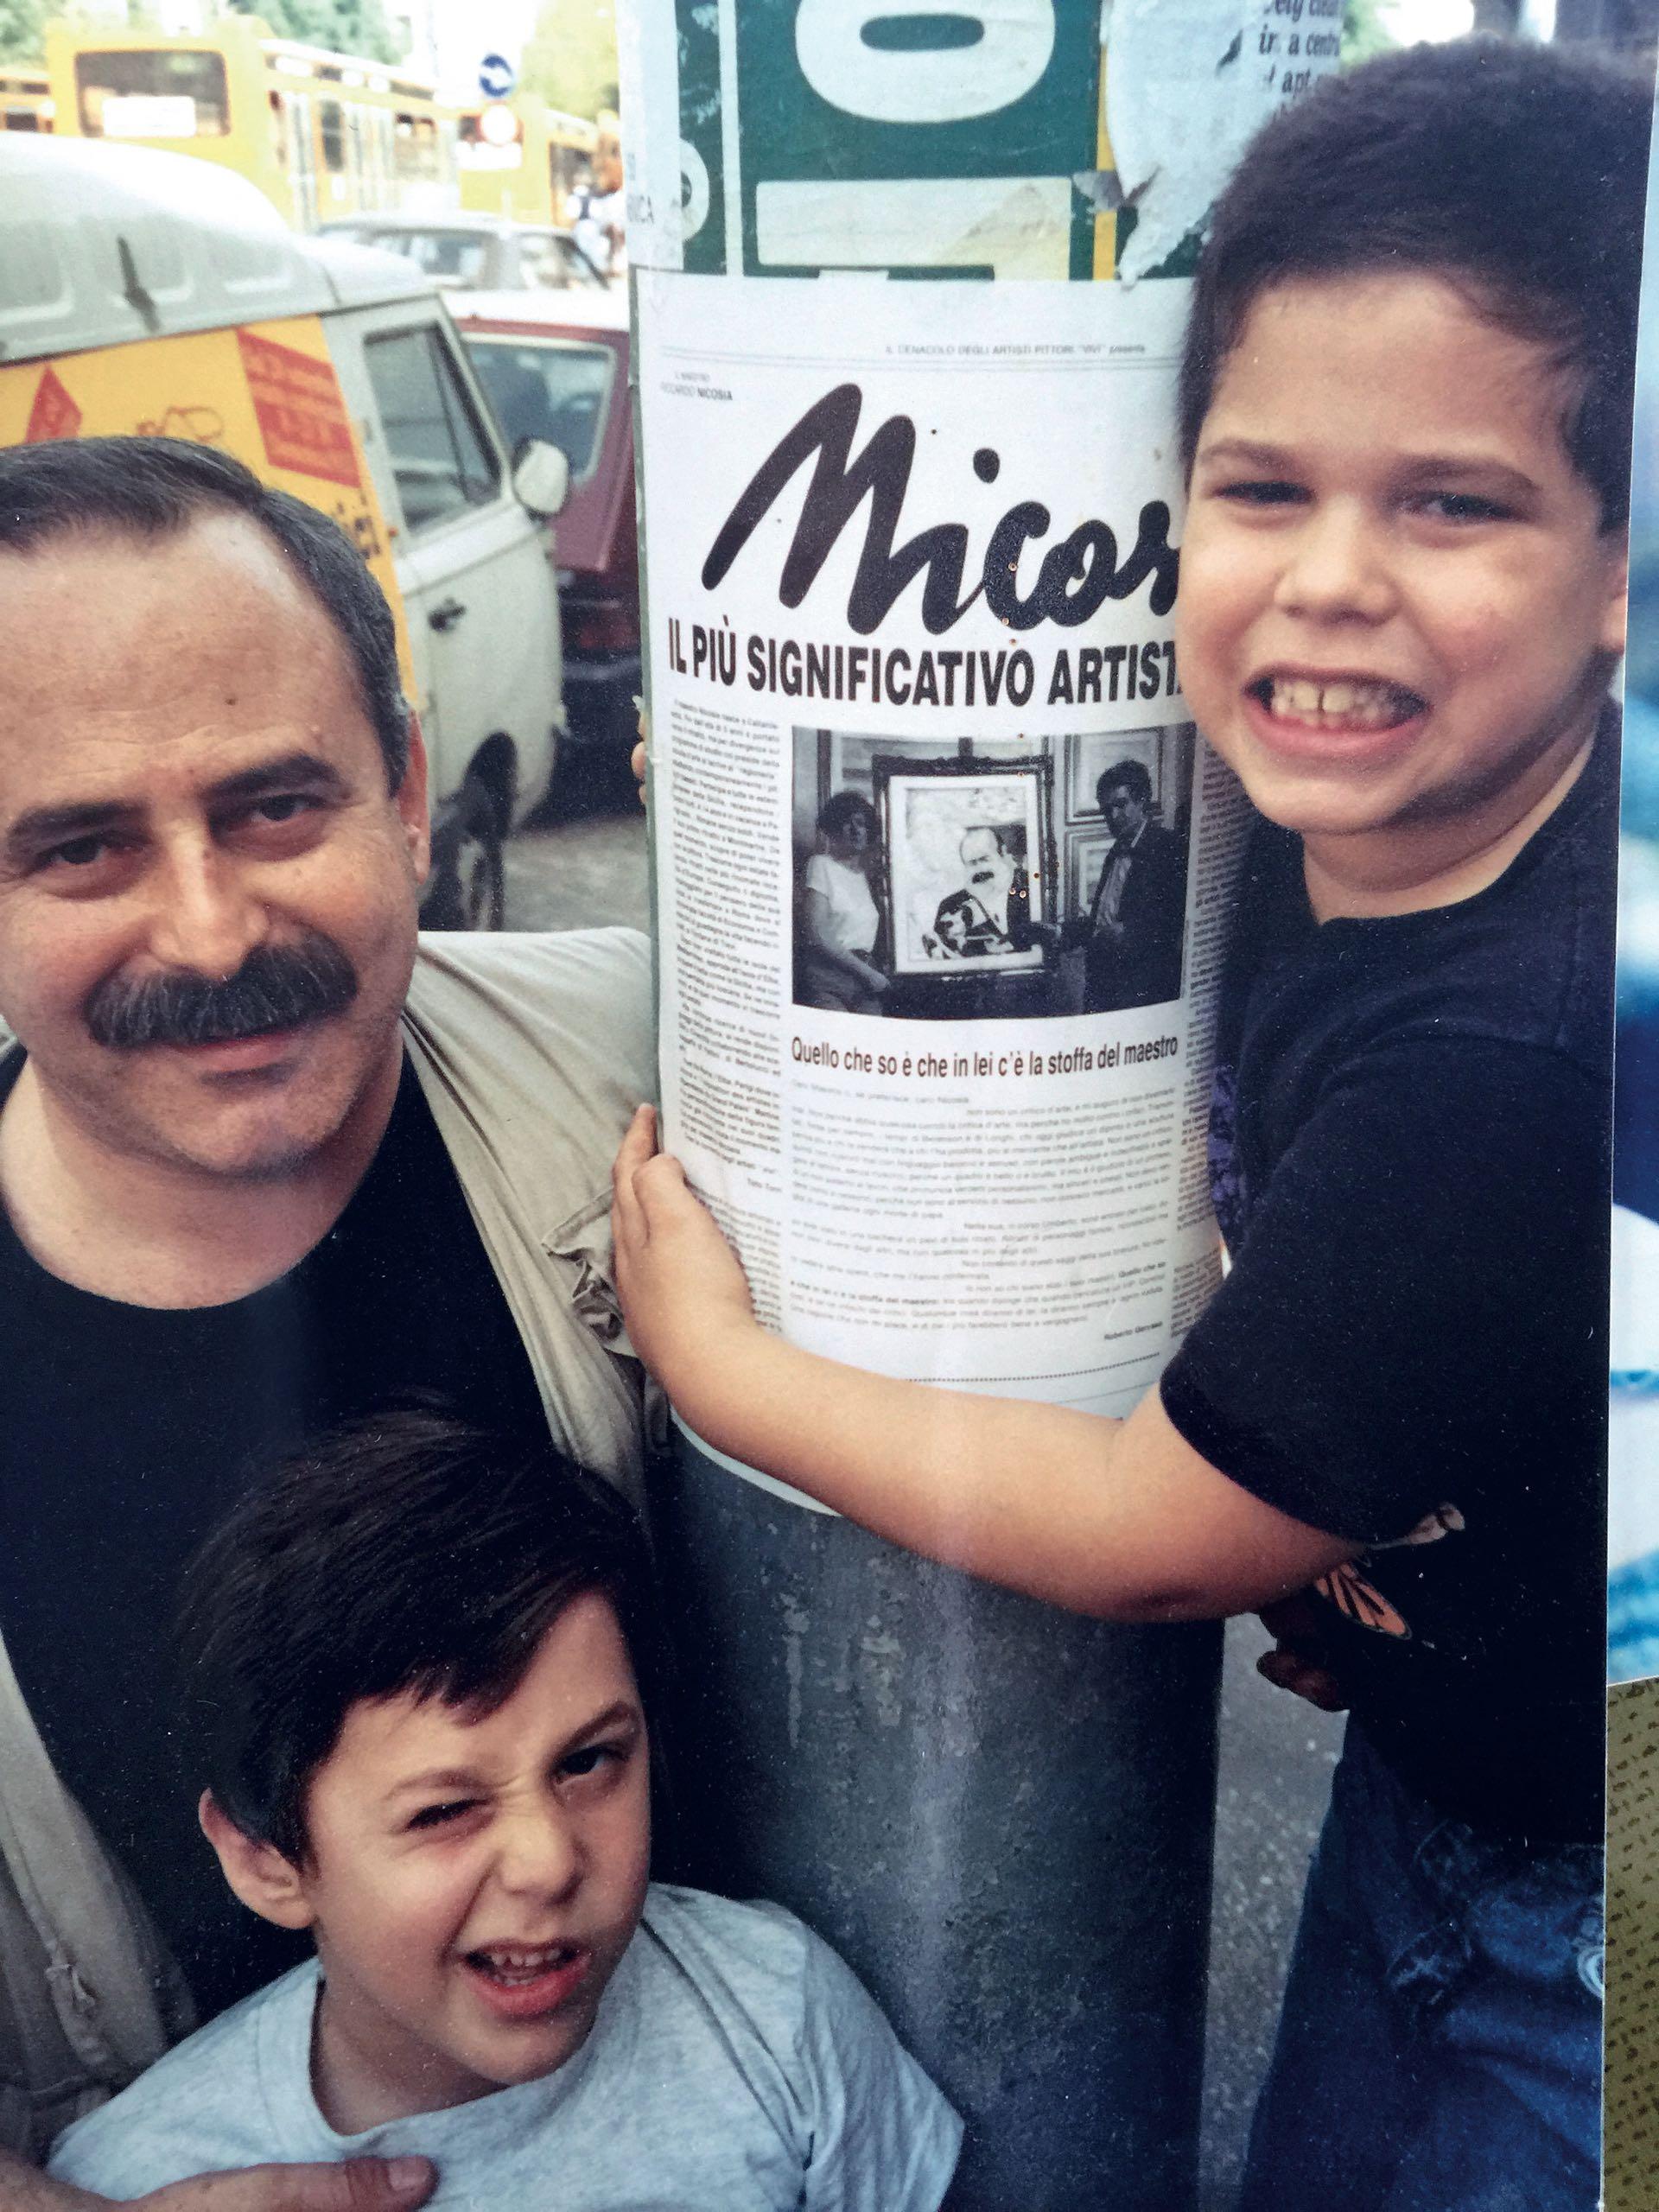 De esa relación nacieron los dos hijos varones de Guinzburg: Sacha (hoy de 30 años) yIan (28).(Foto Archivo GENTE)